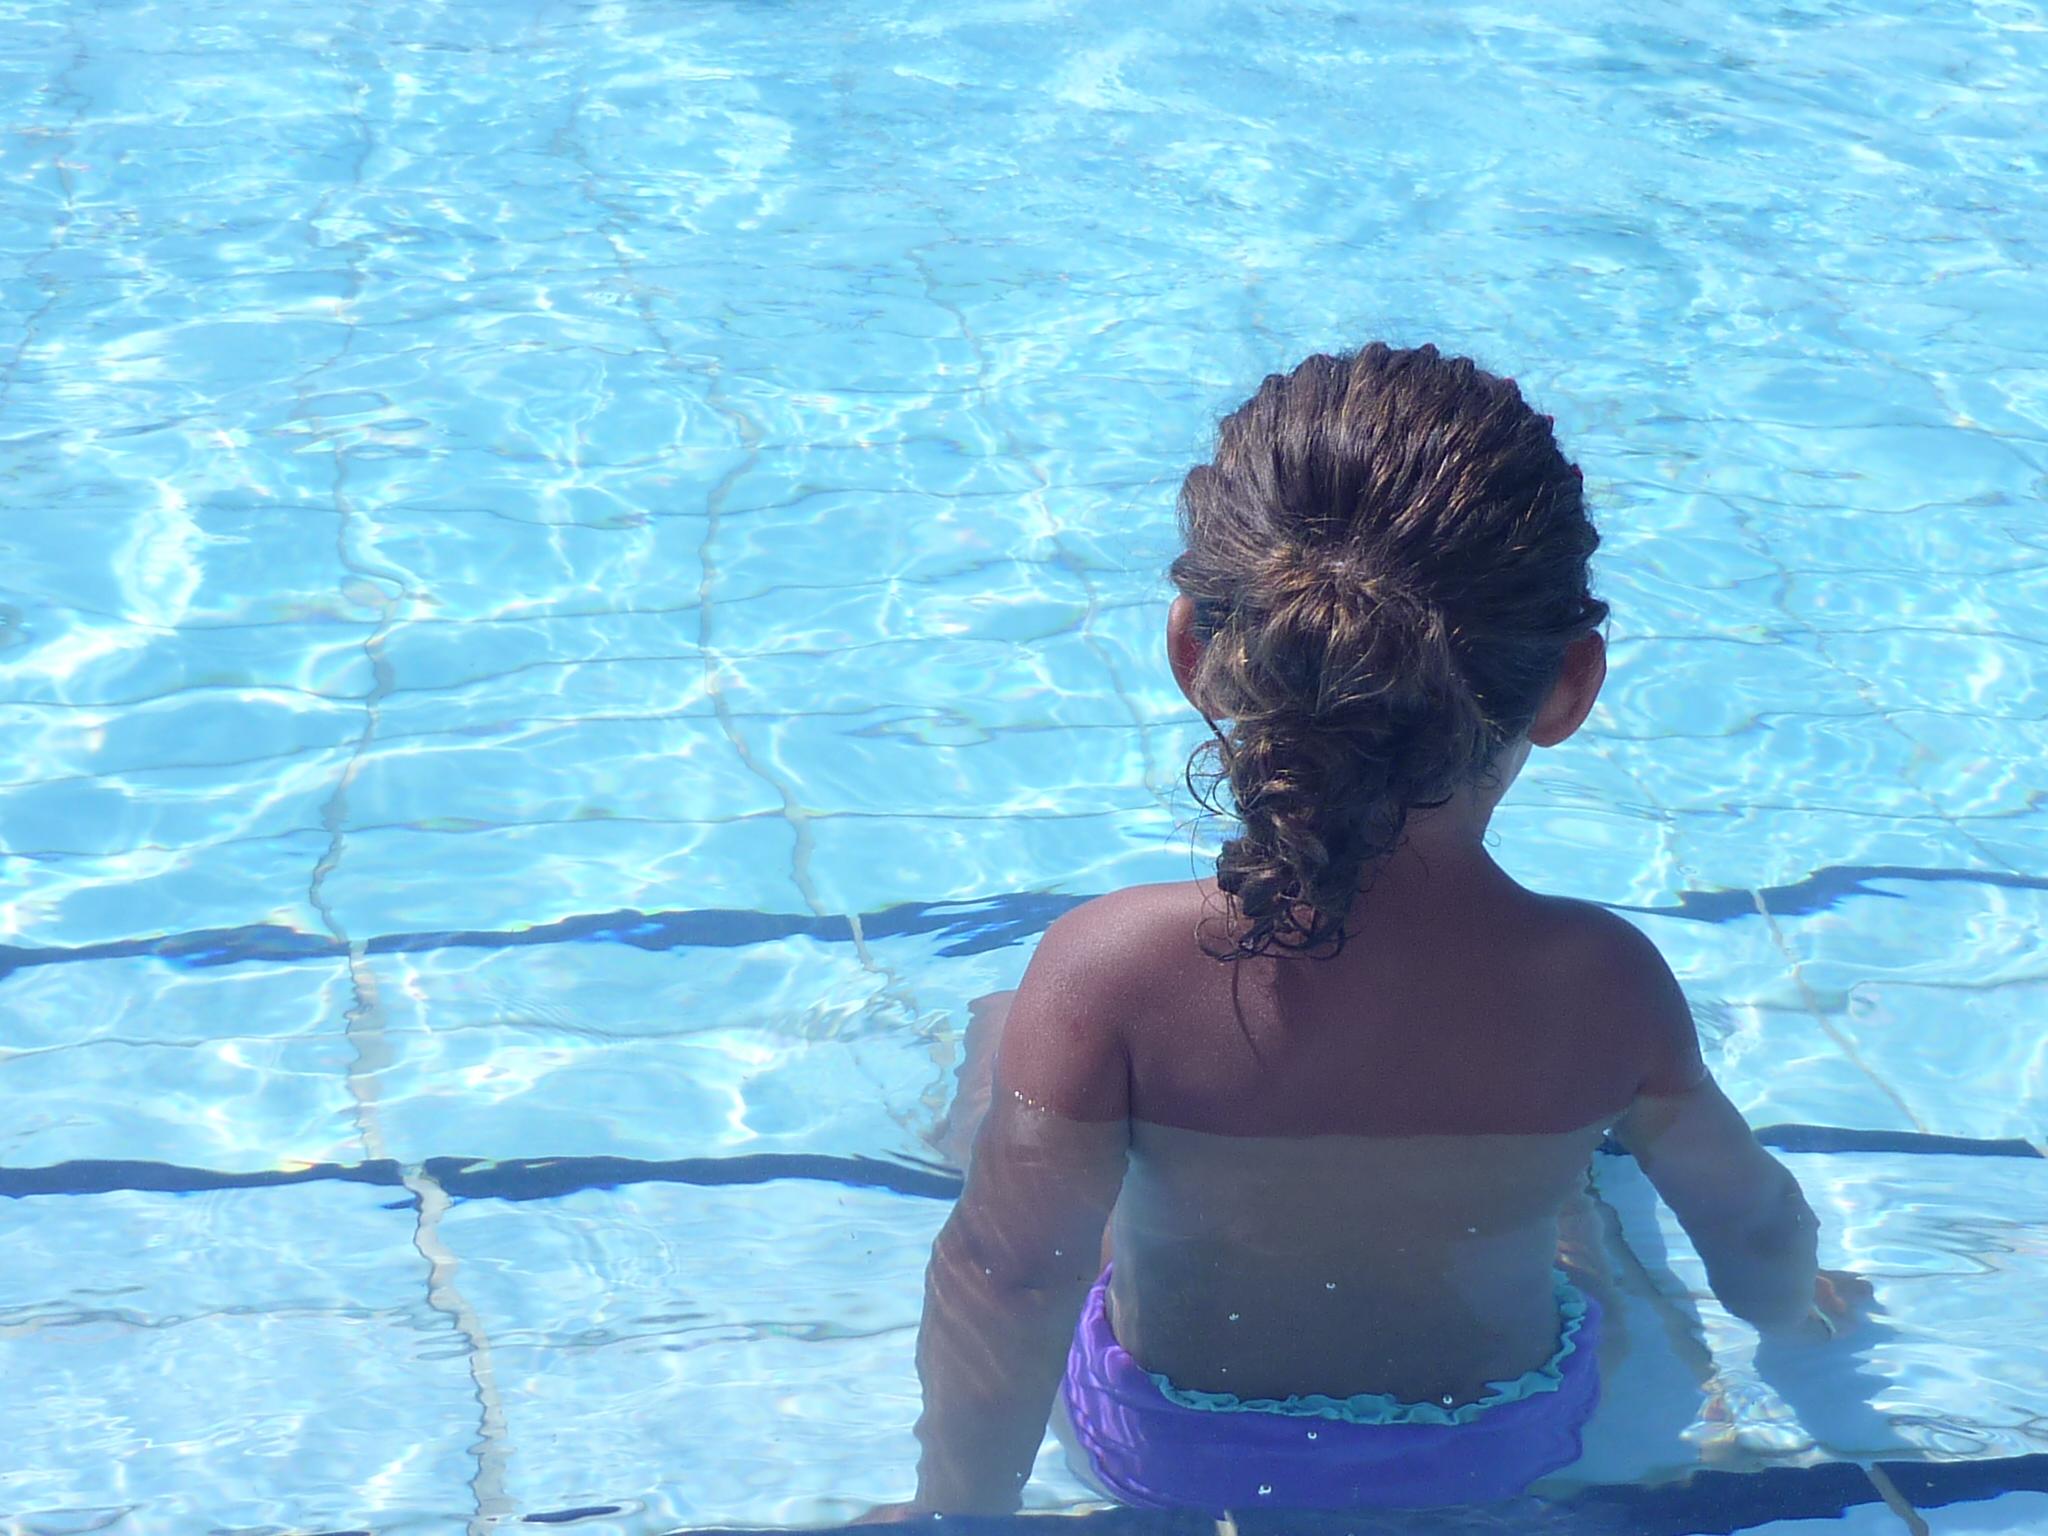 Цены на справки в бассейн в Сергиев Посад